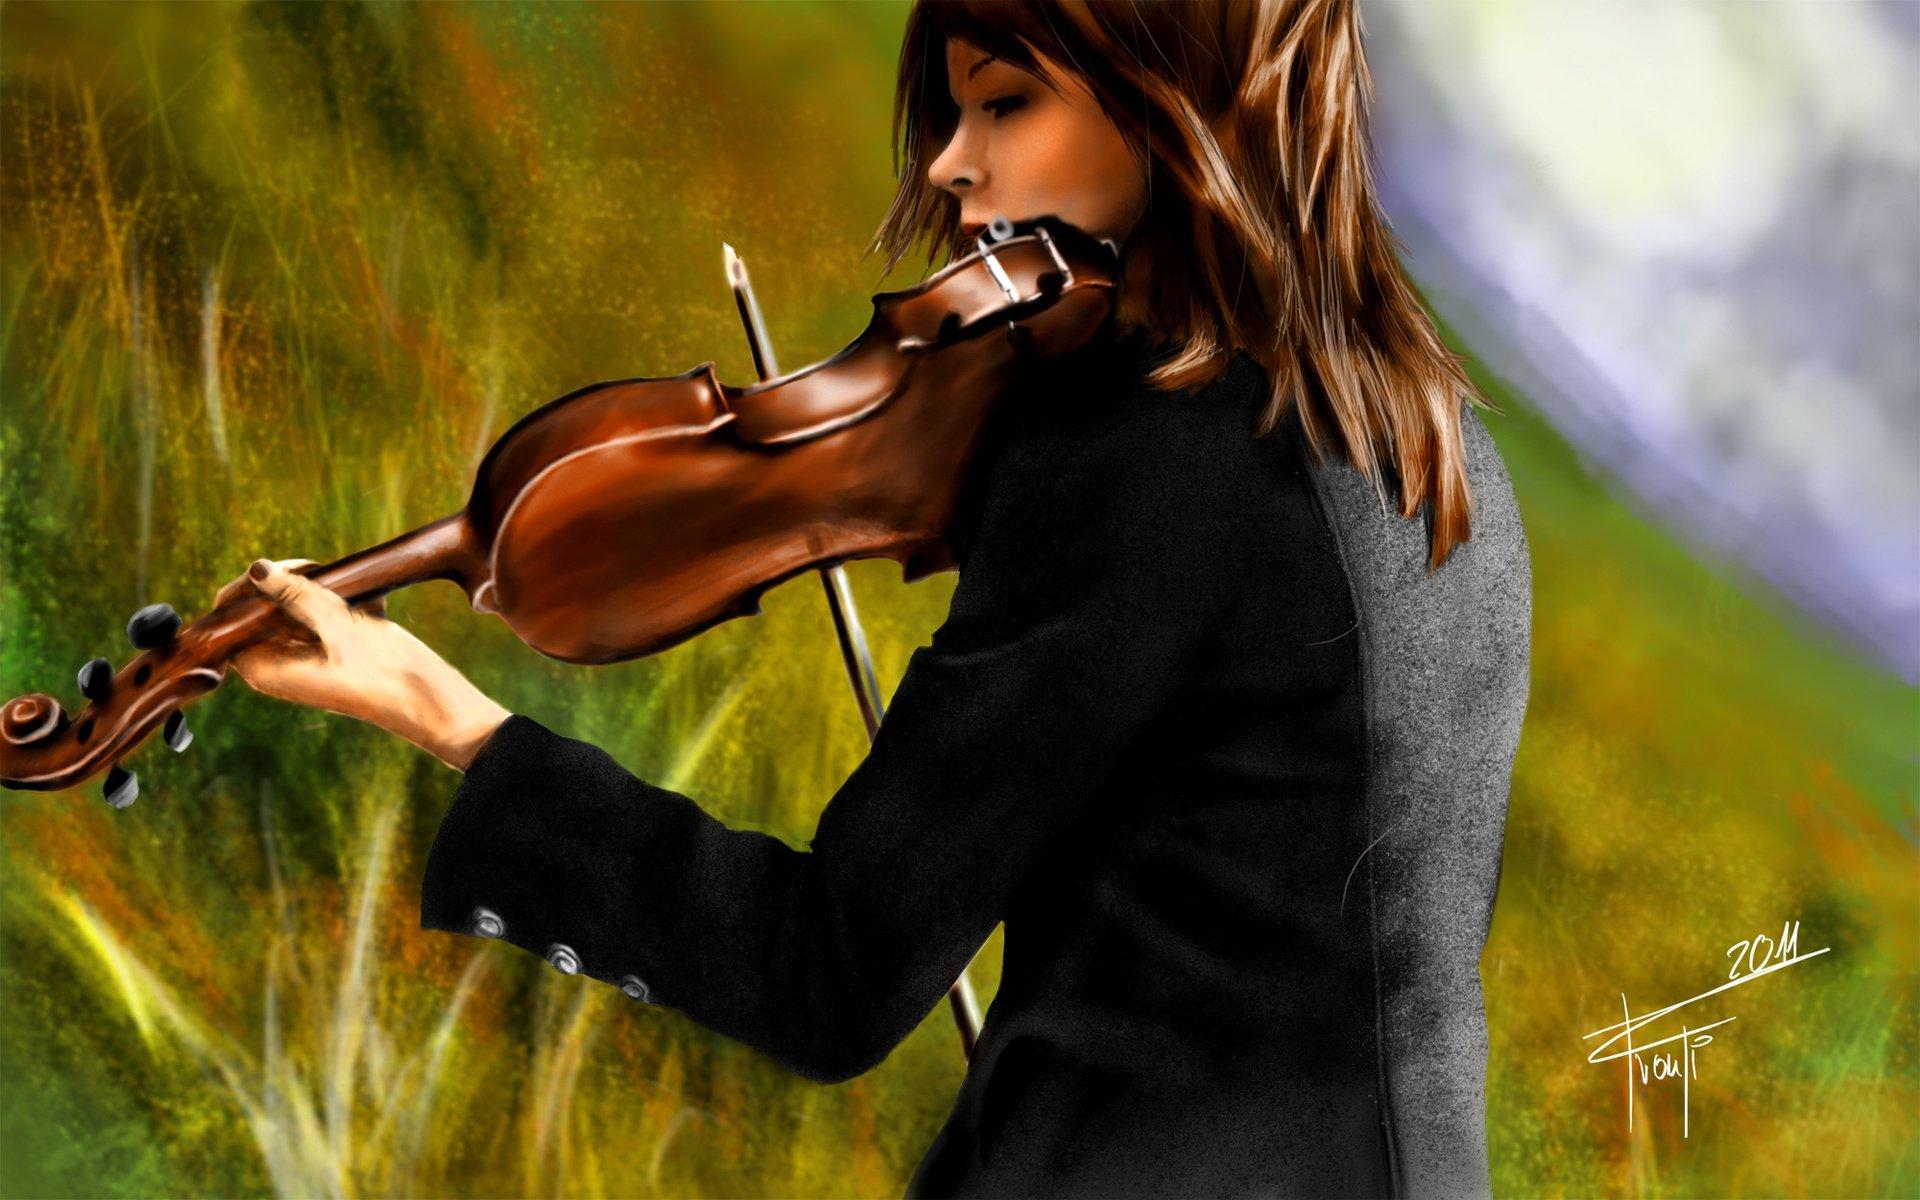 соло красивых девушек под музыку смотреть нарушение выше